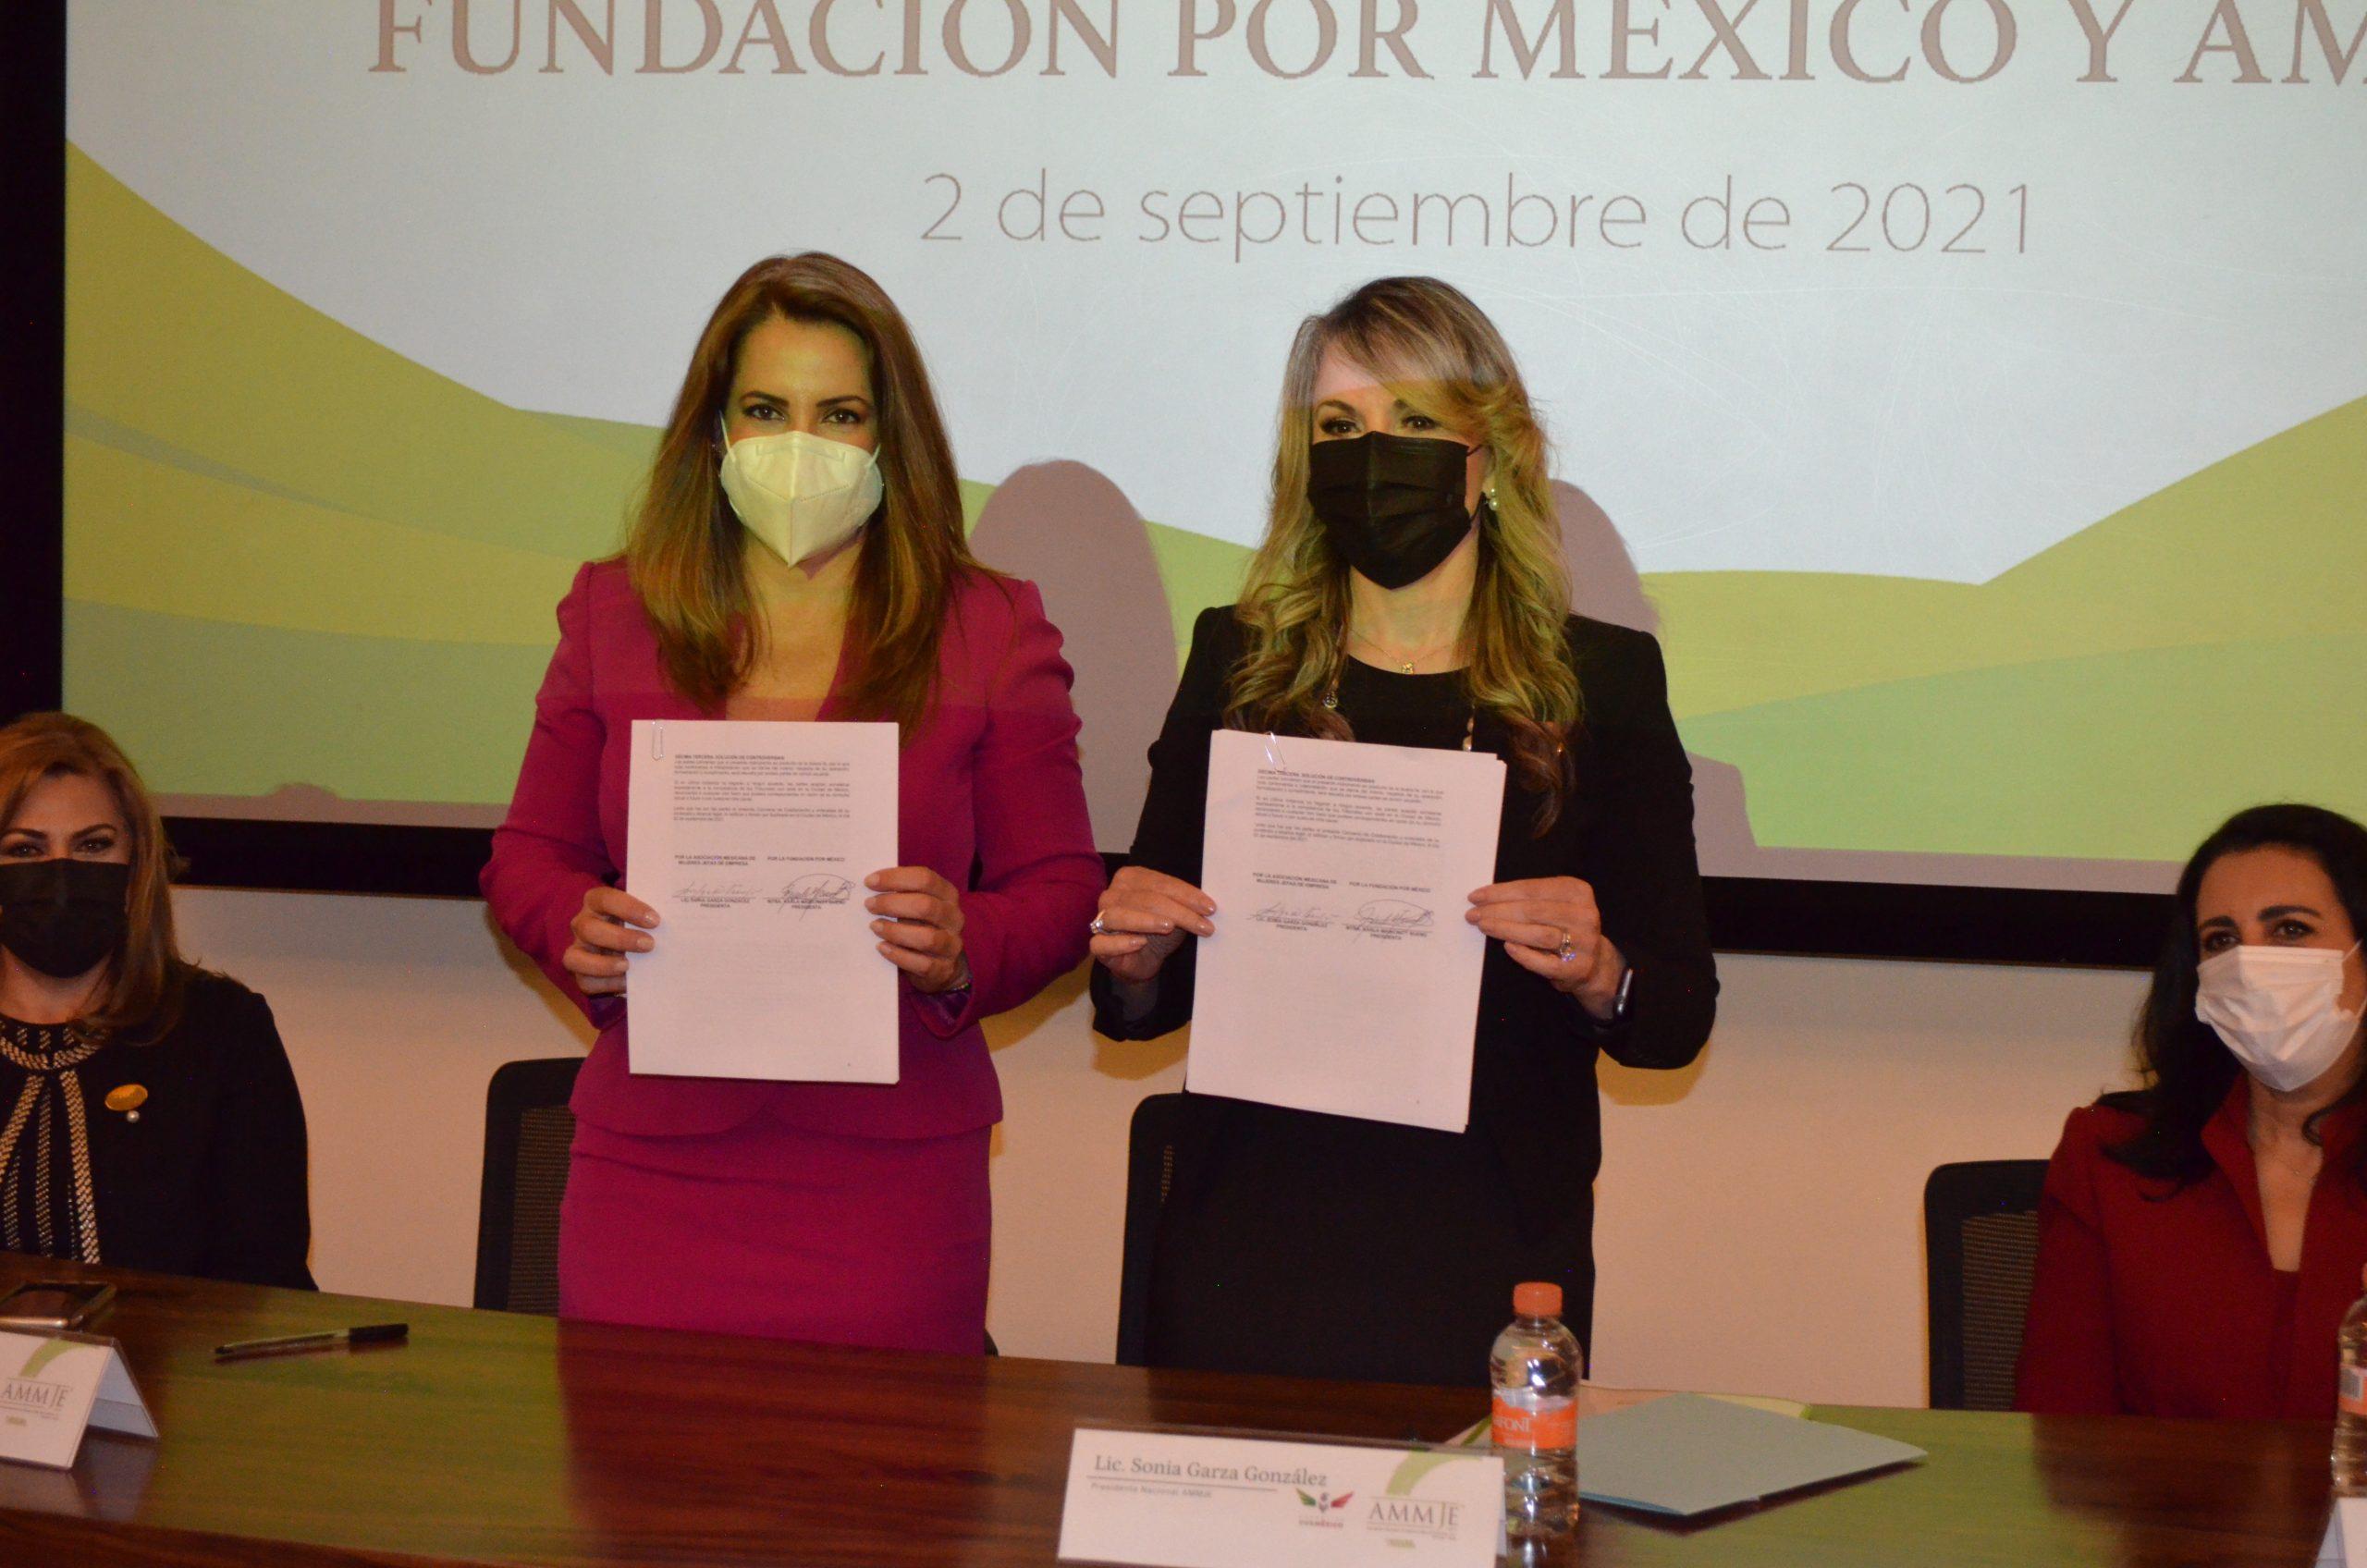 Fundación Por México y la Asociación Mexicana de Mujeres Jefas de Empresa  firman convenio de colaboración para mejorar las oportunidades laborales de las mujeres mexicanas